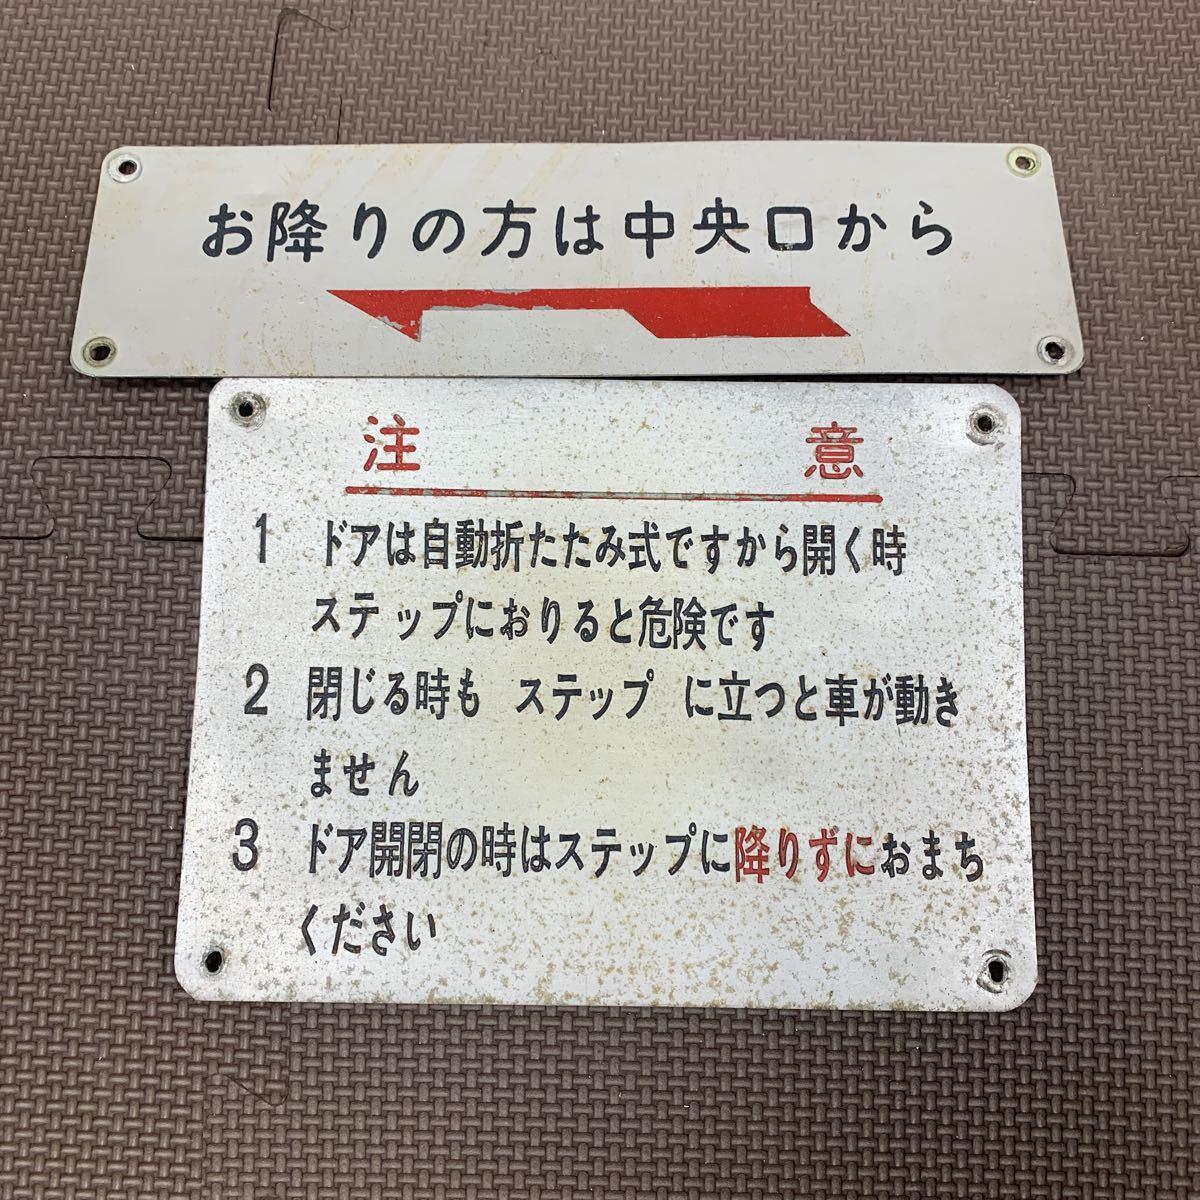 バス 案内板 銘板 廃品 放出品 サボ 注意